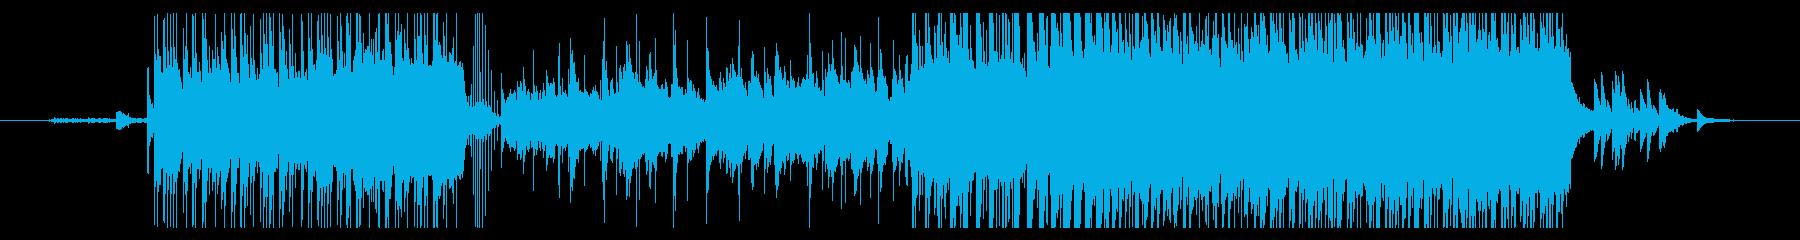 中華で厳粛な曲の再生済みの波形